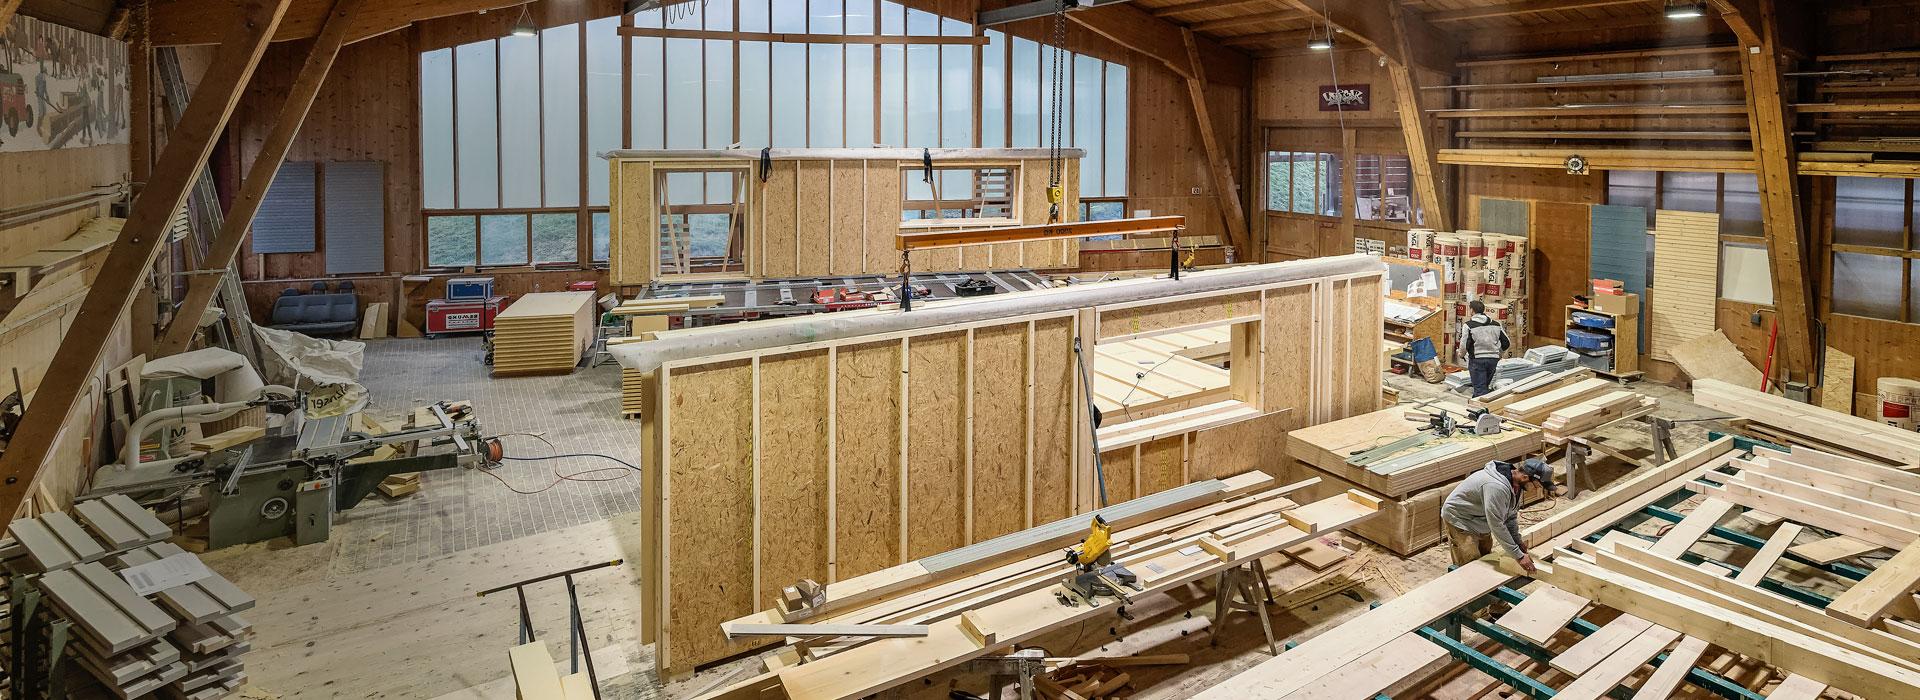 remund holzbau holzbau k chen und schreinerei seit 150 jahren remund holzbau schwarzenburg. Black Bedroom Furniture Sets. Home Design Ideas